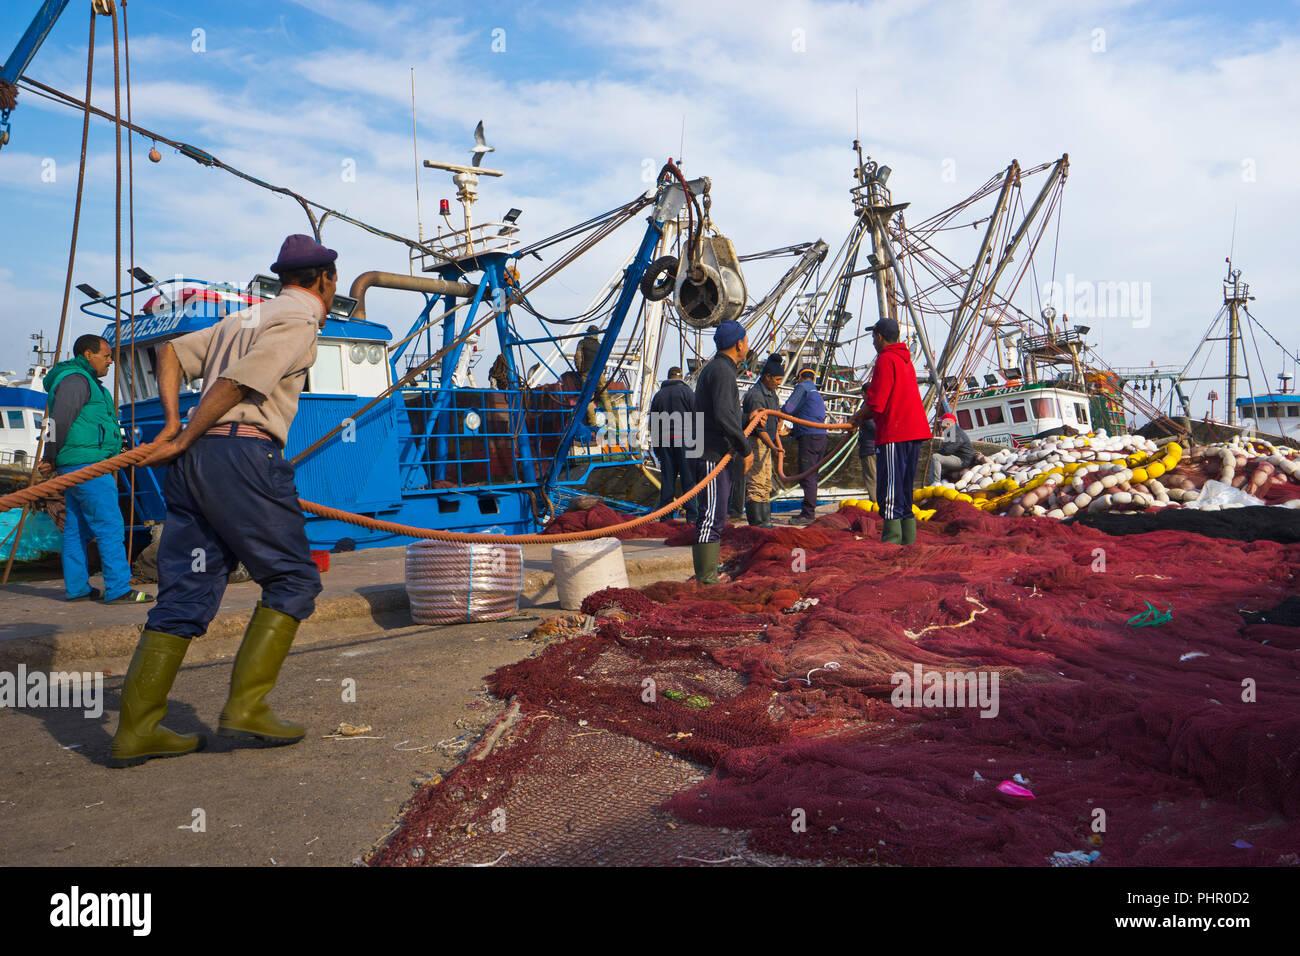 Hafenarbeiter im Fischereihafen Essaouira, Marokko - Stock Image